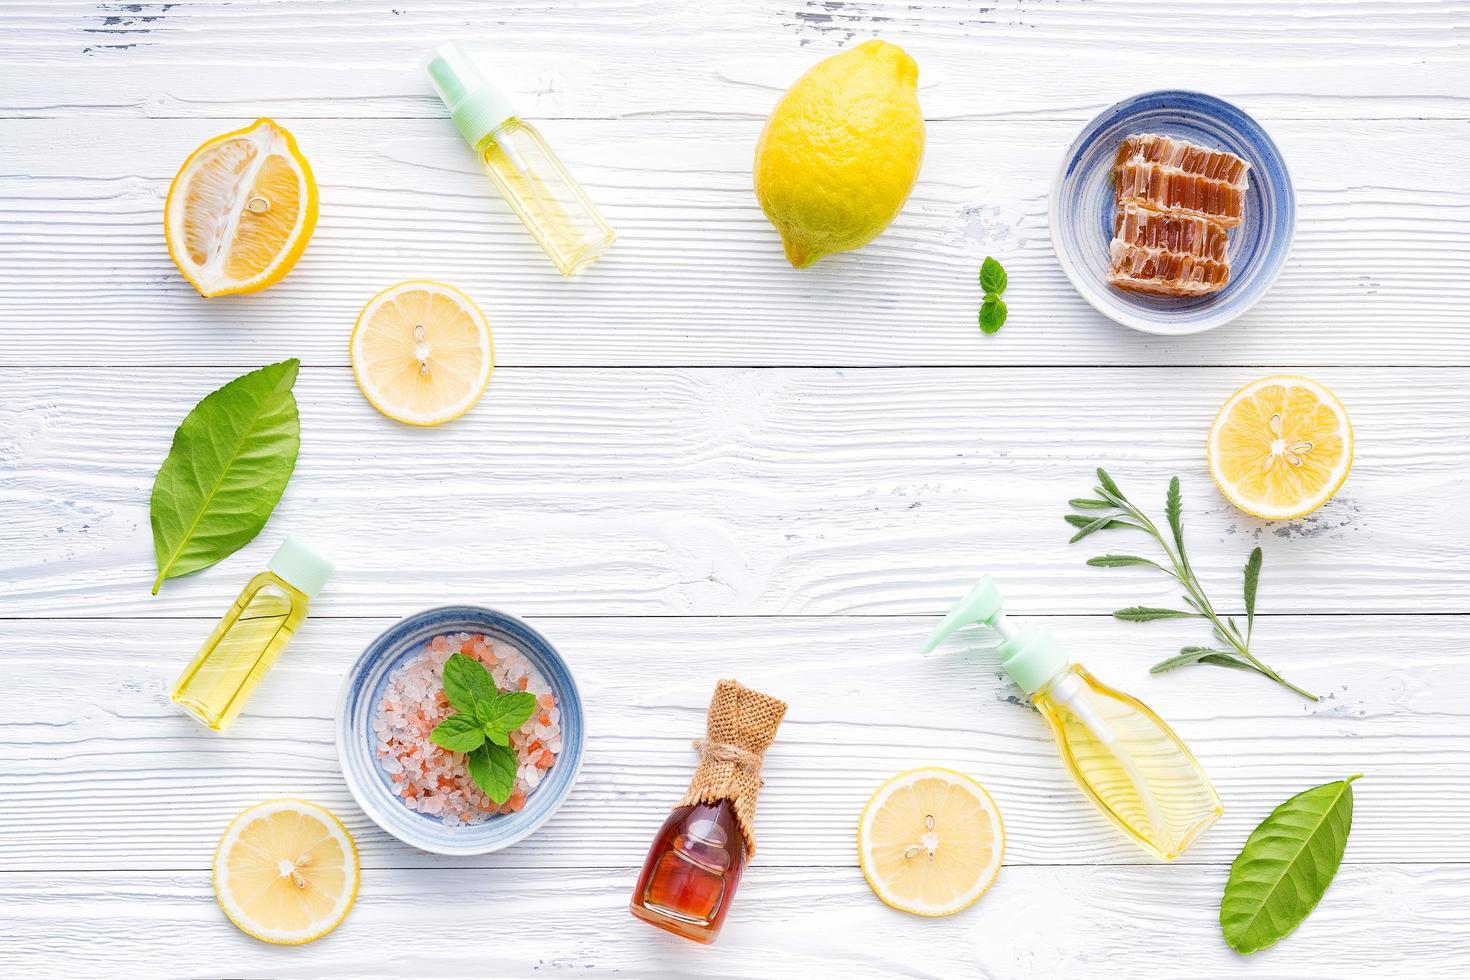 ingredientes naturales en madera blanca foto